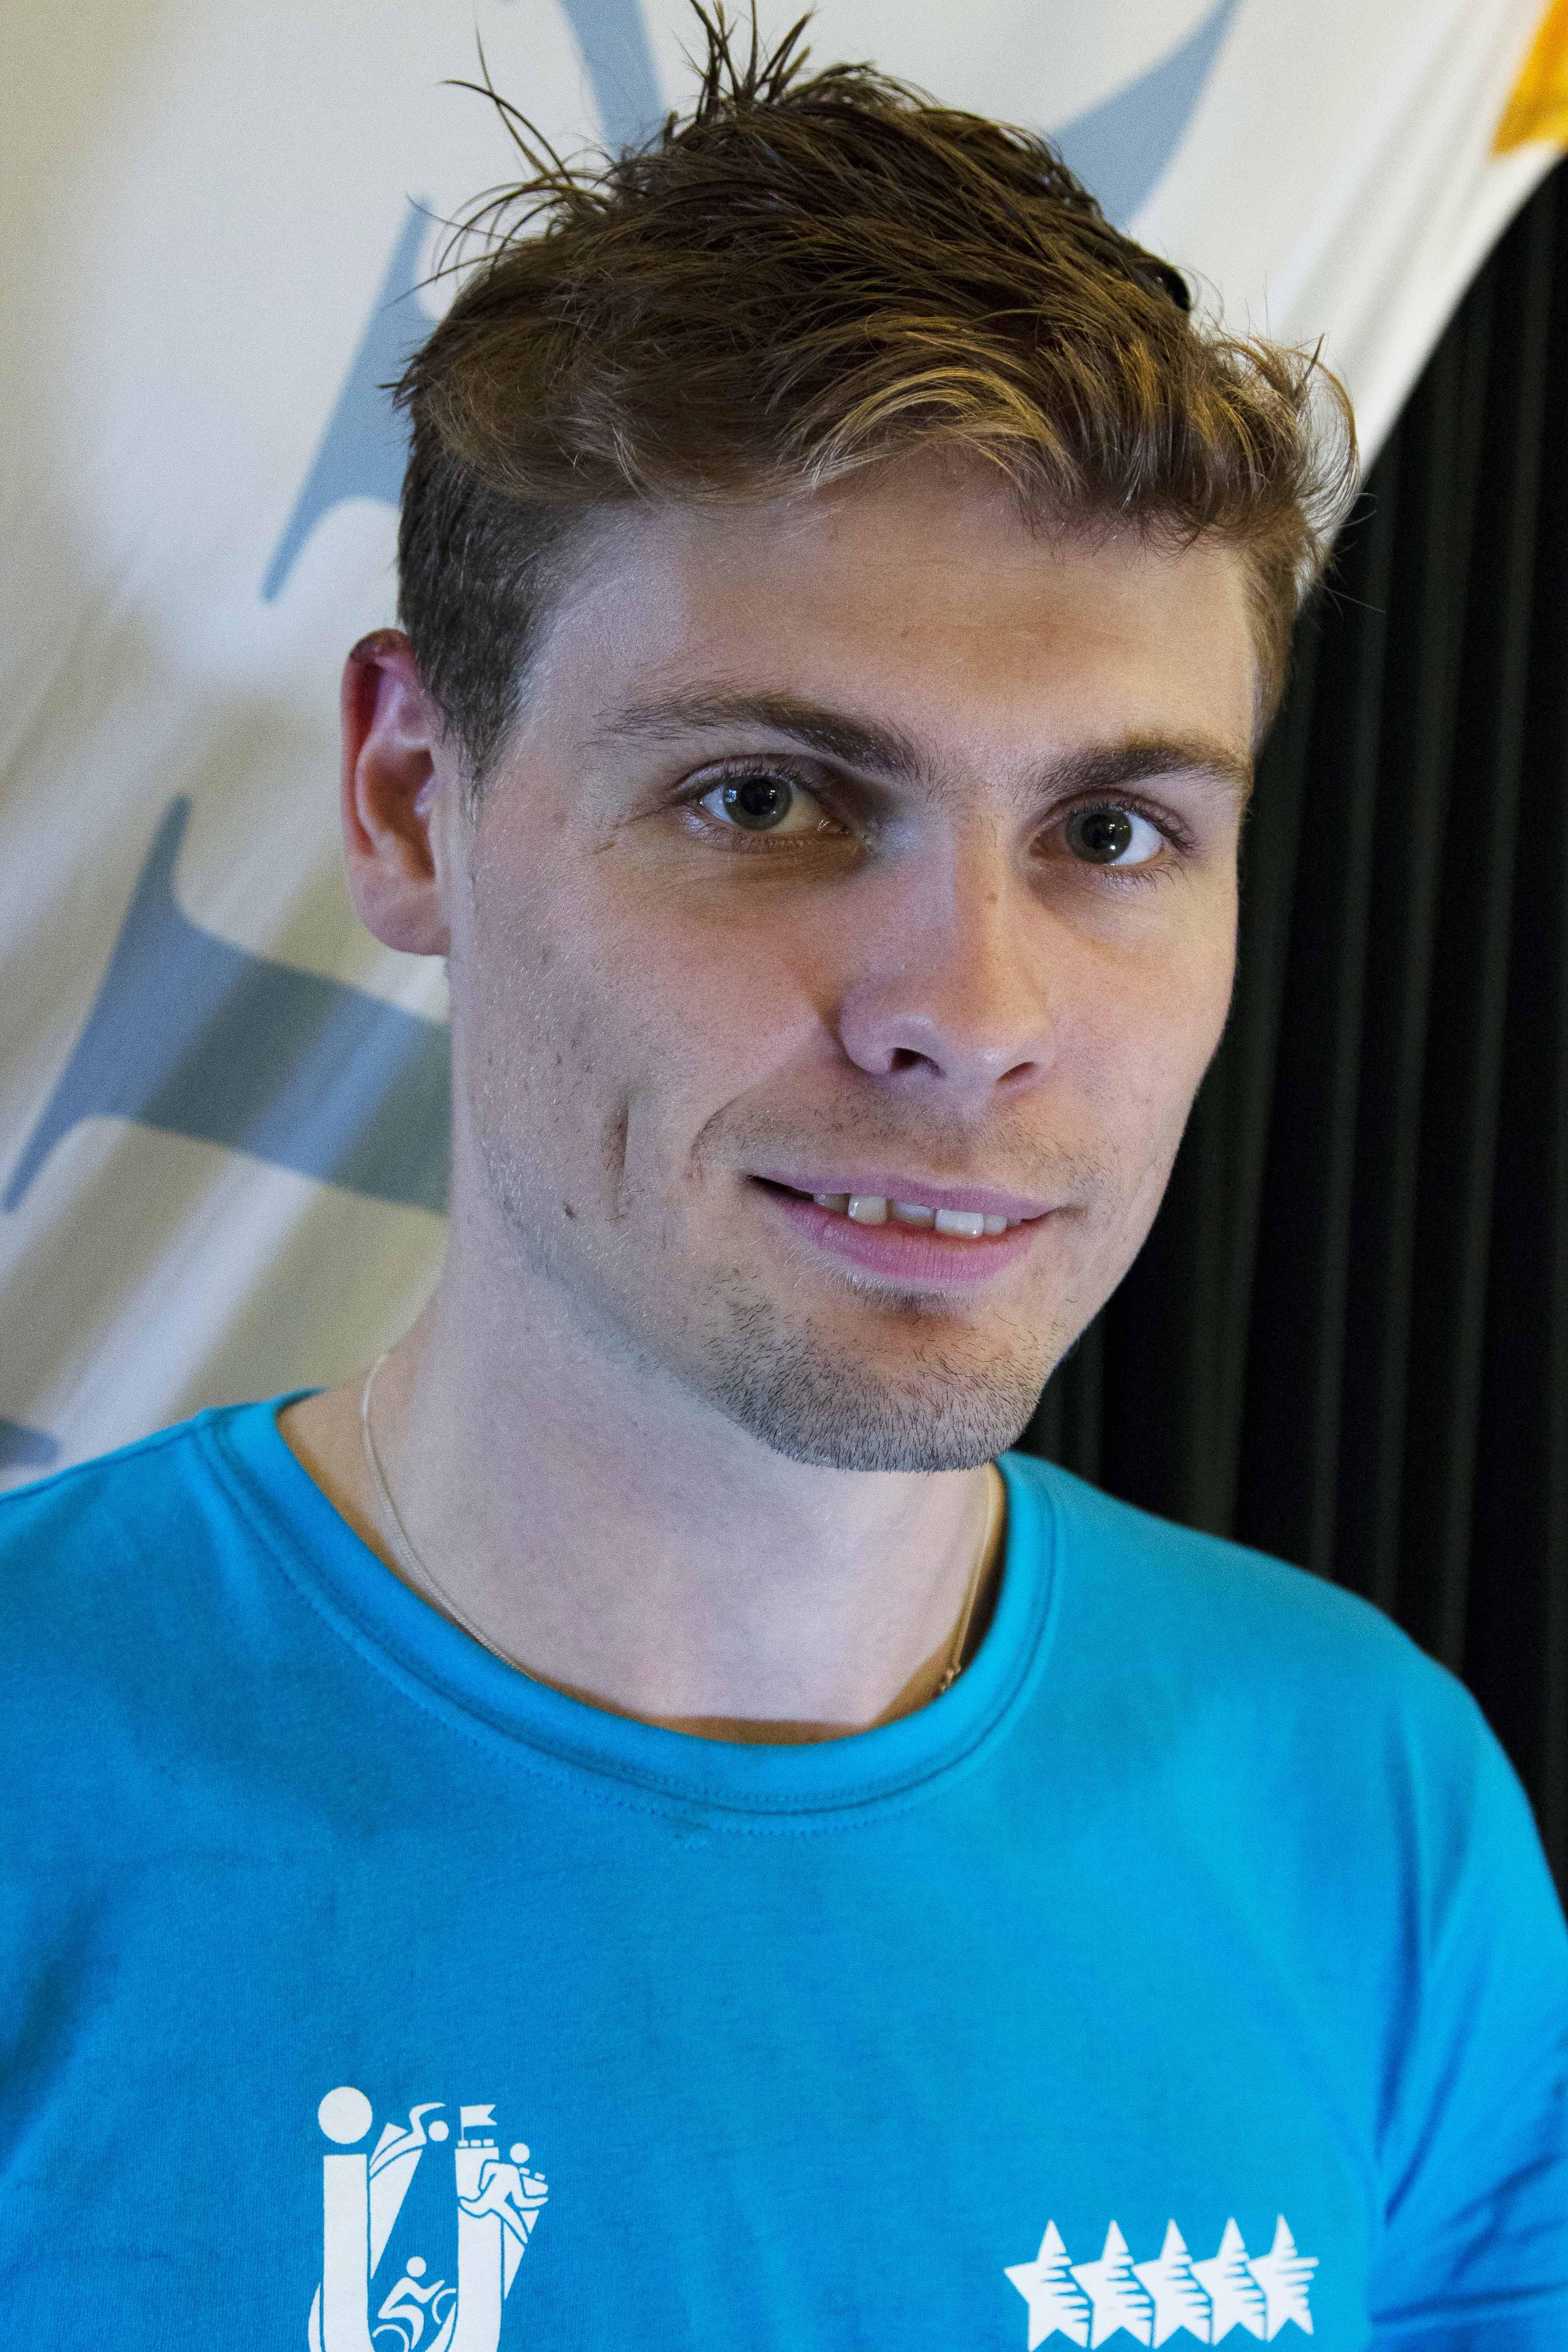 Philip Lind har studerat vid Linnéuniversitetet och är ordförande för studentorganisationen FIKS.